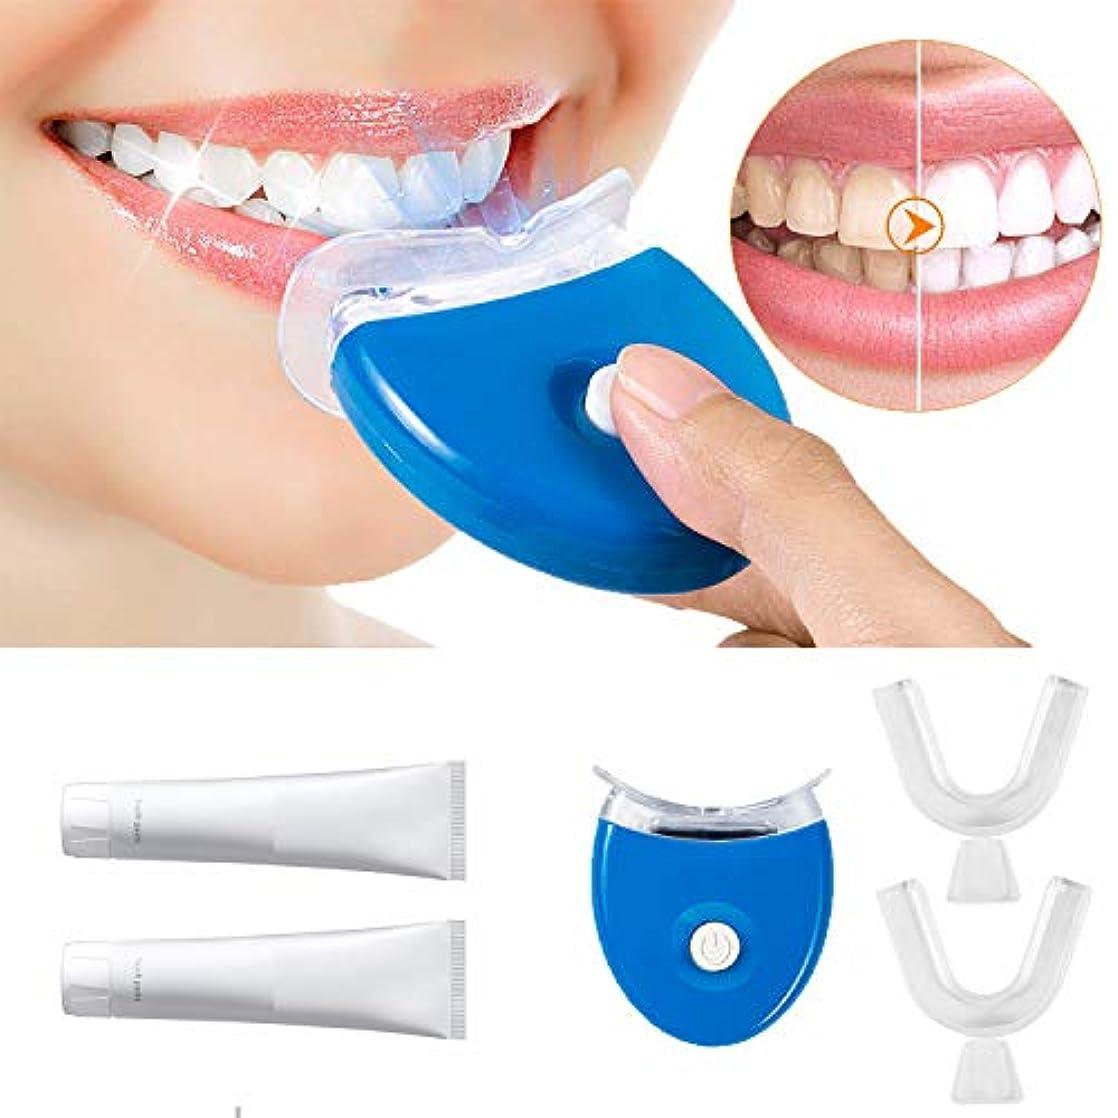 同一性応答大脳ホワイトニング 歯ホワイトニング器 歯美白器 美歯器 歯 ホワイトニング ホワイトナー ケア 歯の消しゴム 歯科機器 口腔ゲルキット ブルー